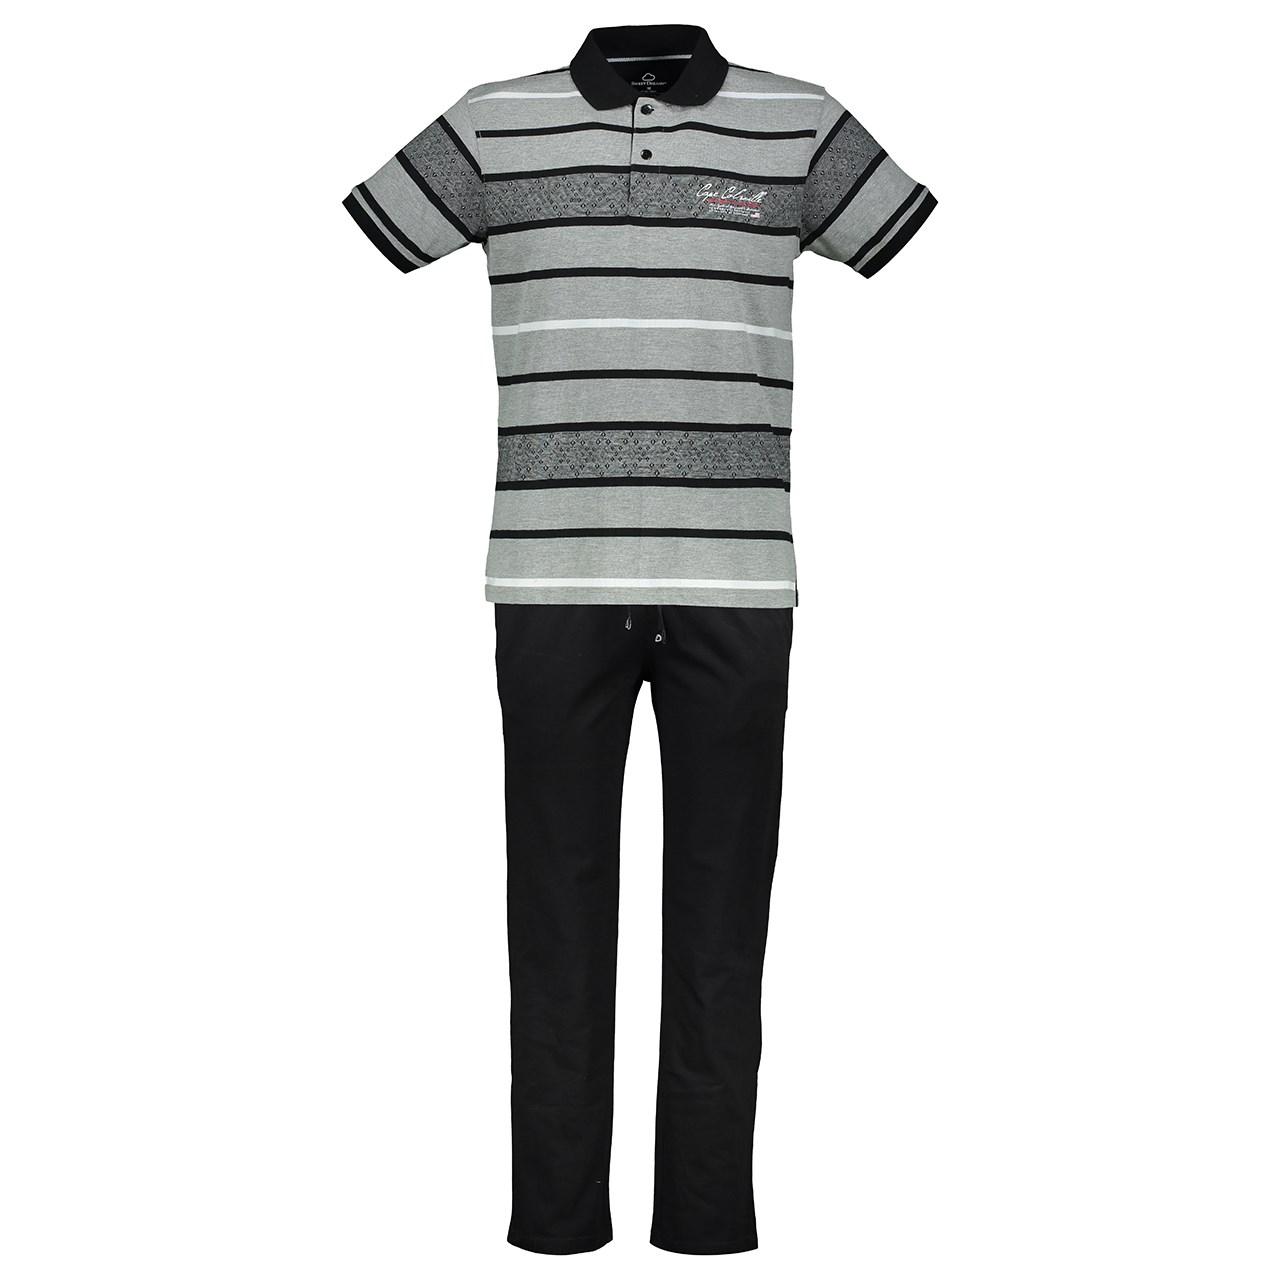 ست پلو شرت و شلوار مردانه پی جامه مدل 482